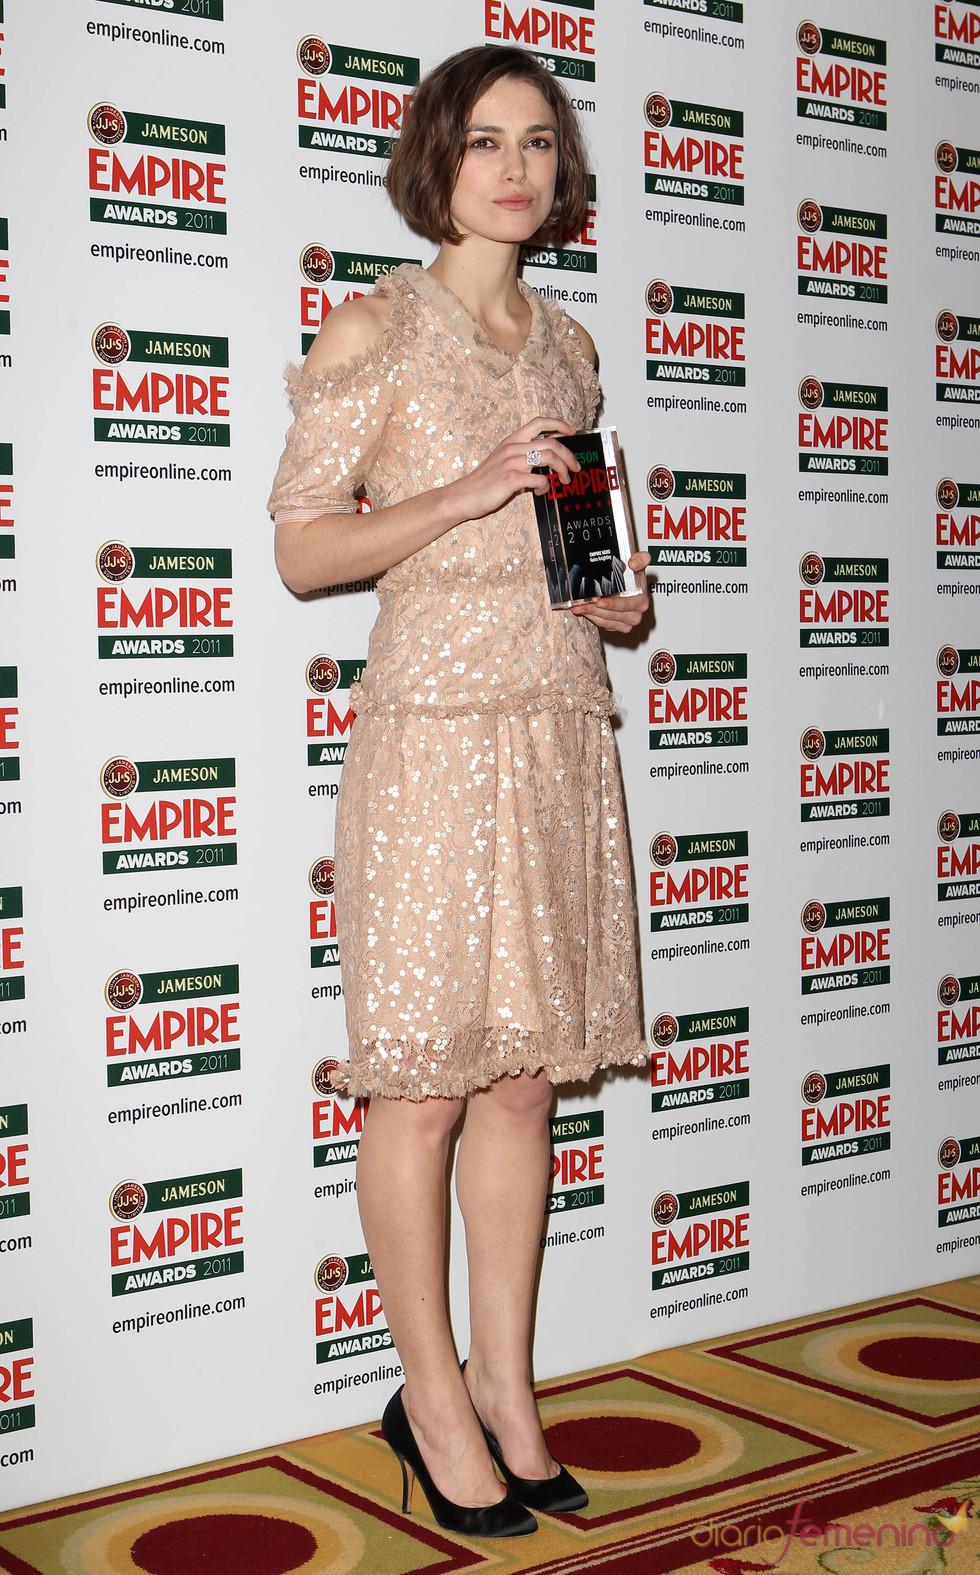 Keira Knightley, galardonada en los Premios Empire